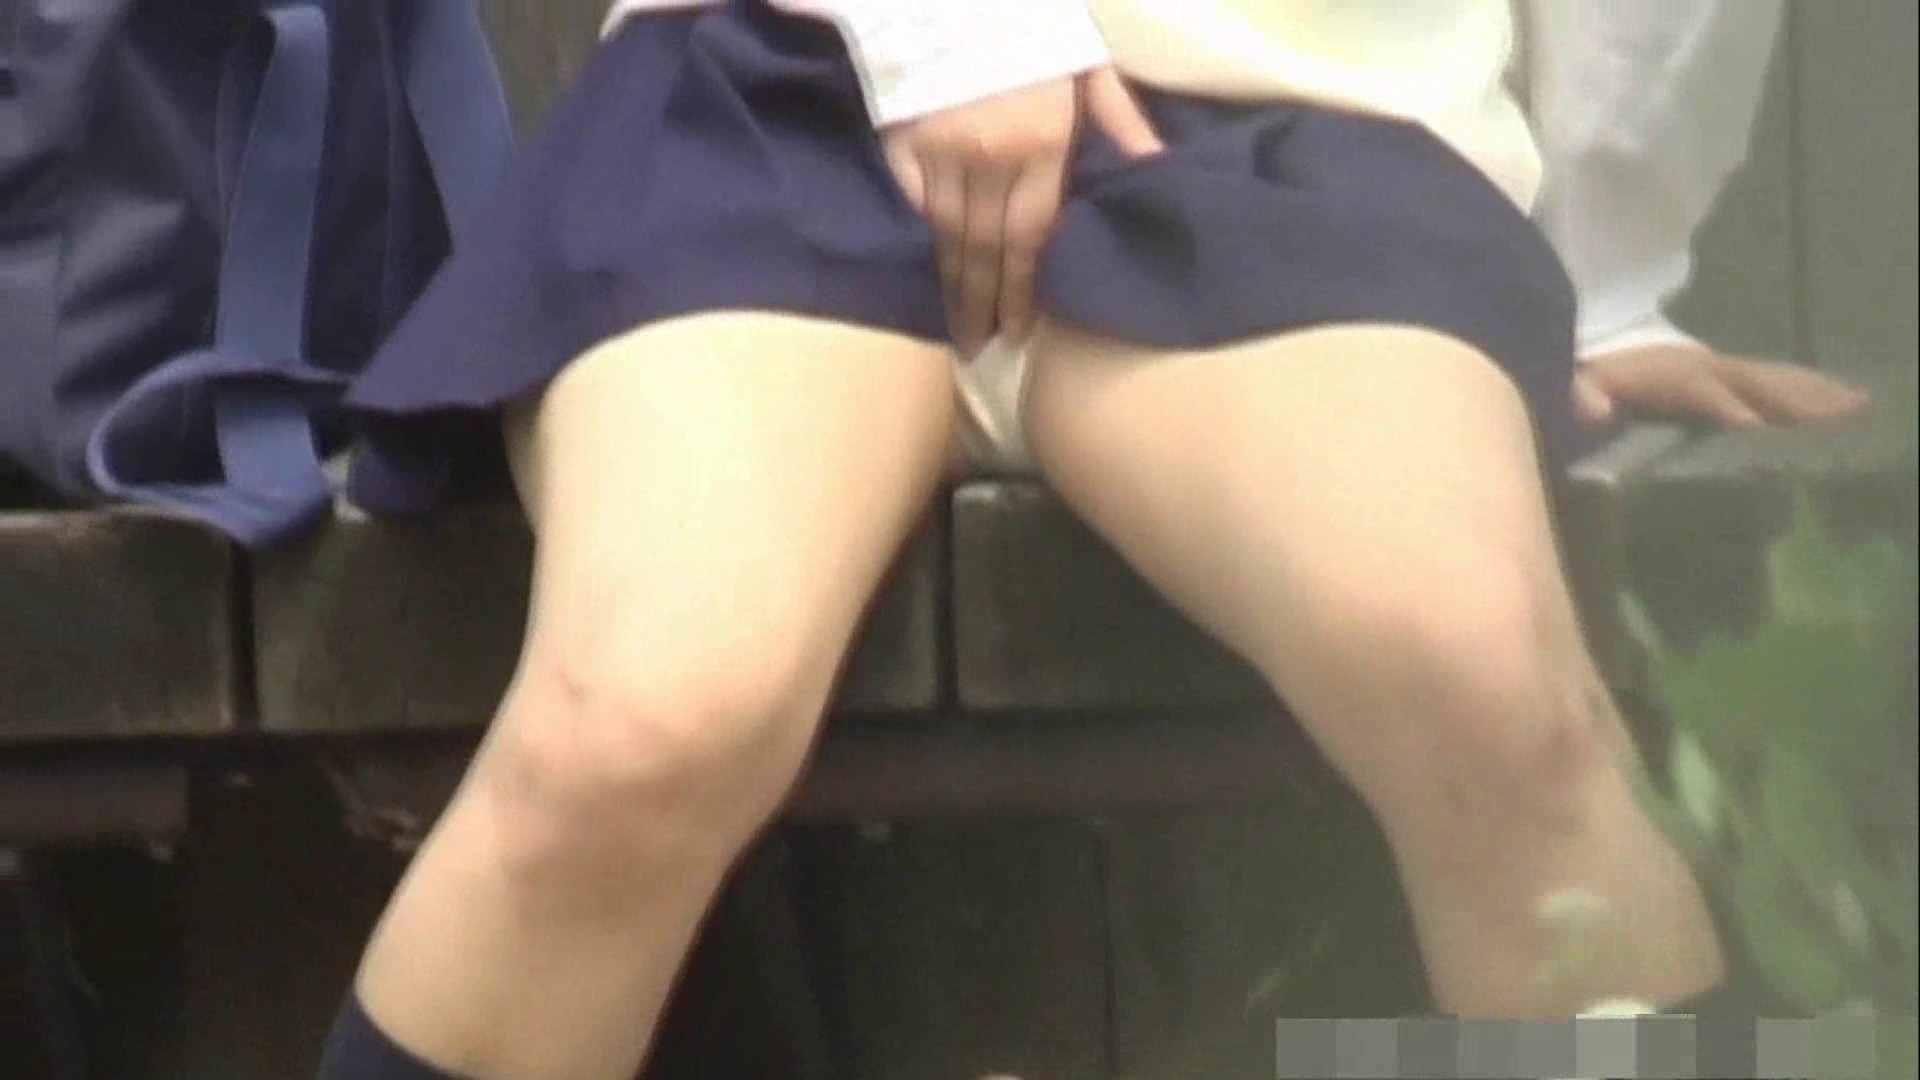 アヘ顔のわたしってどうかしら Vol.043 乙女 オメコ動画キャプチャ 61pic 18